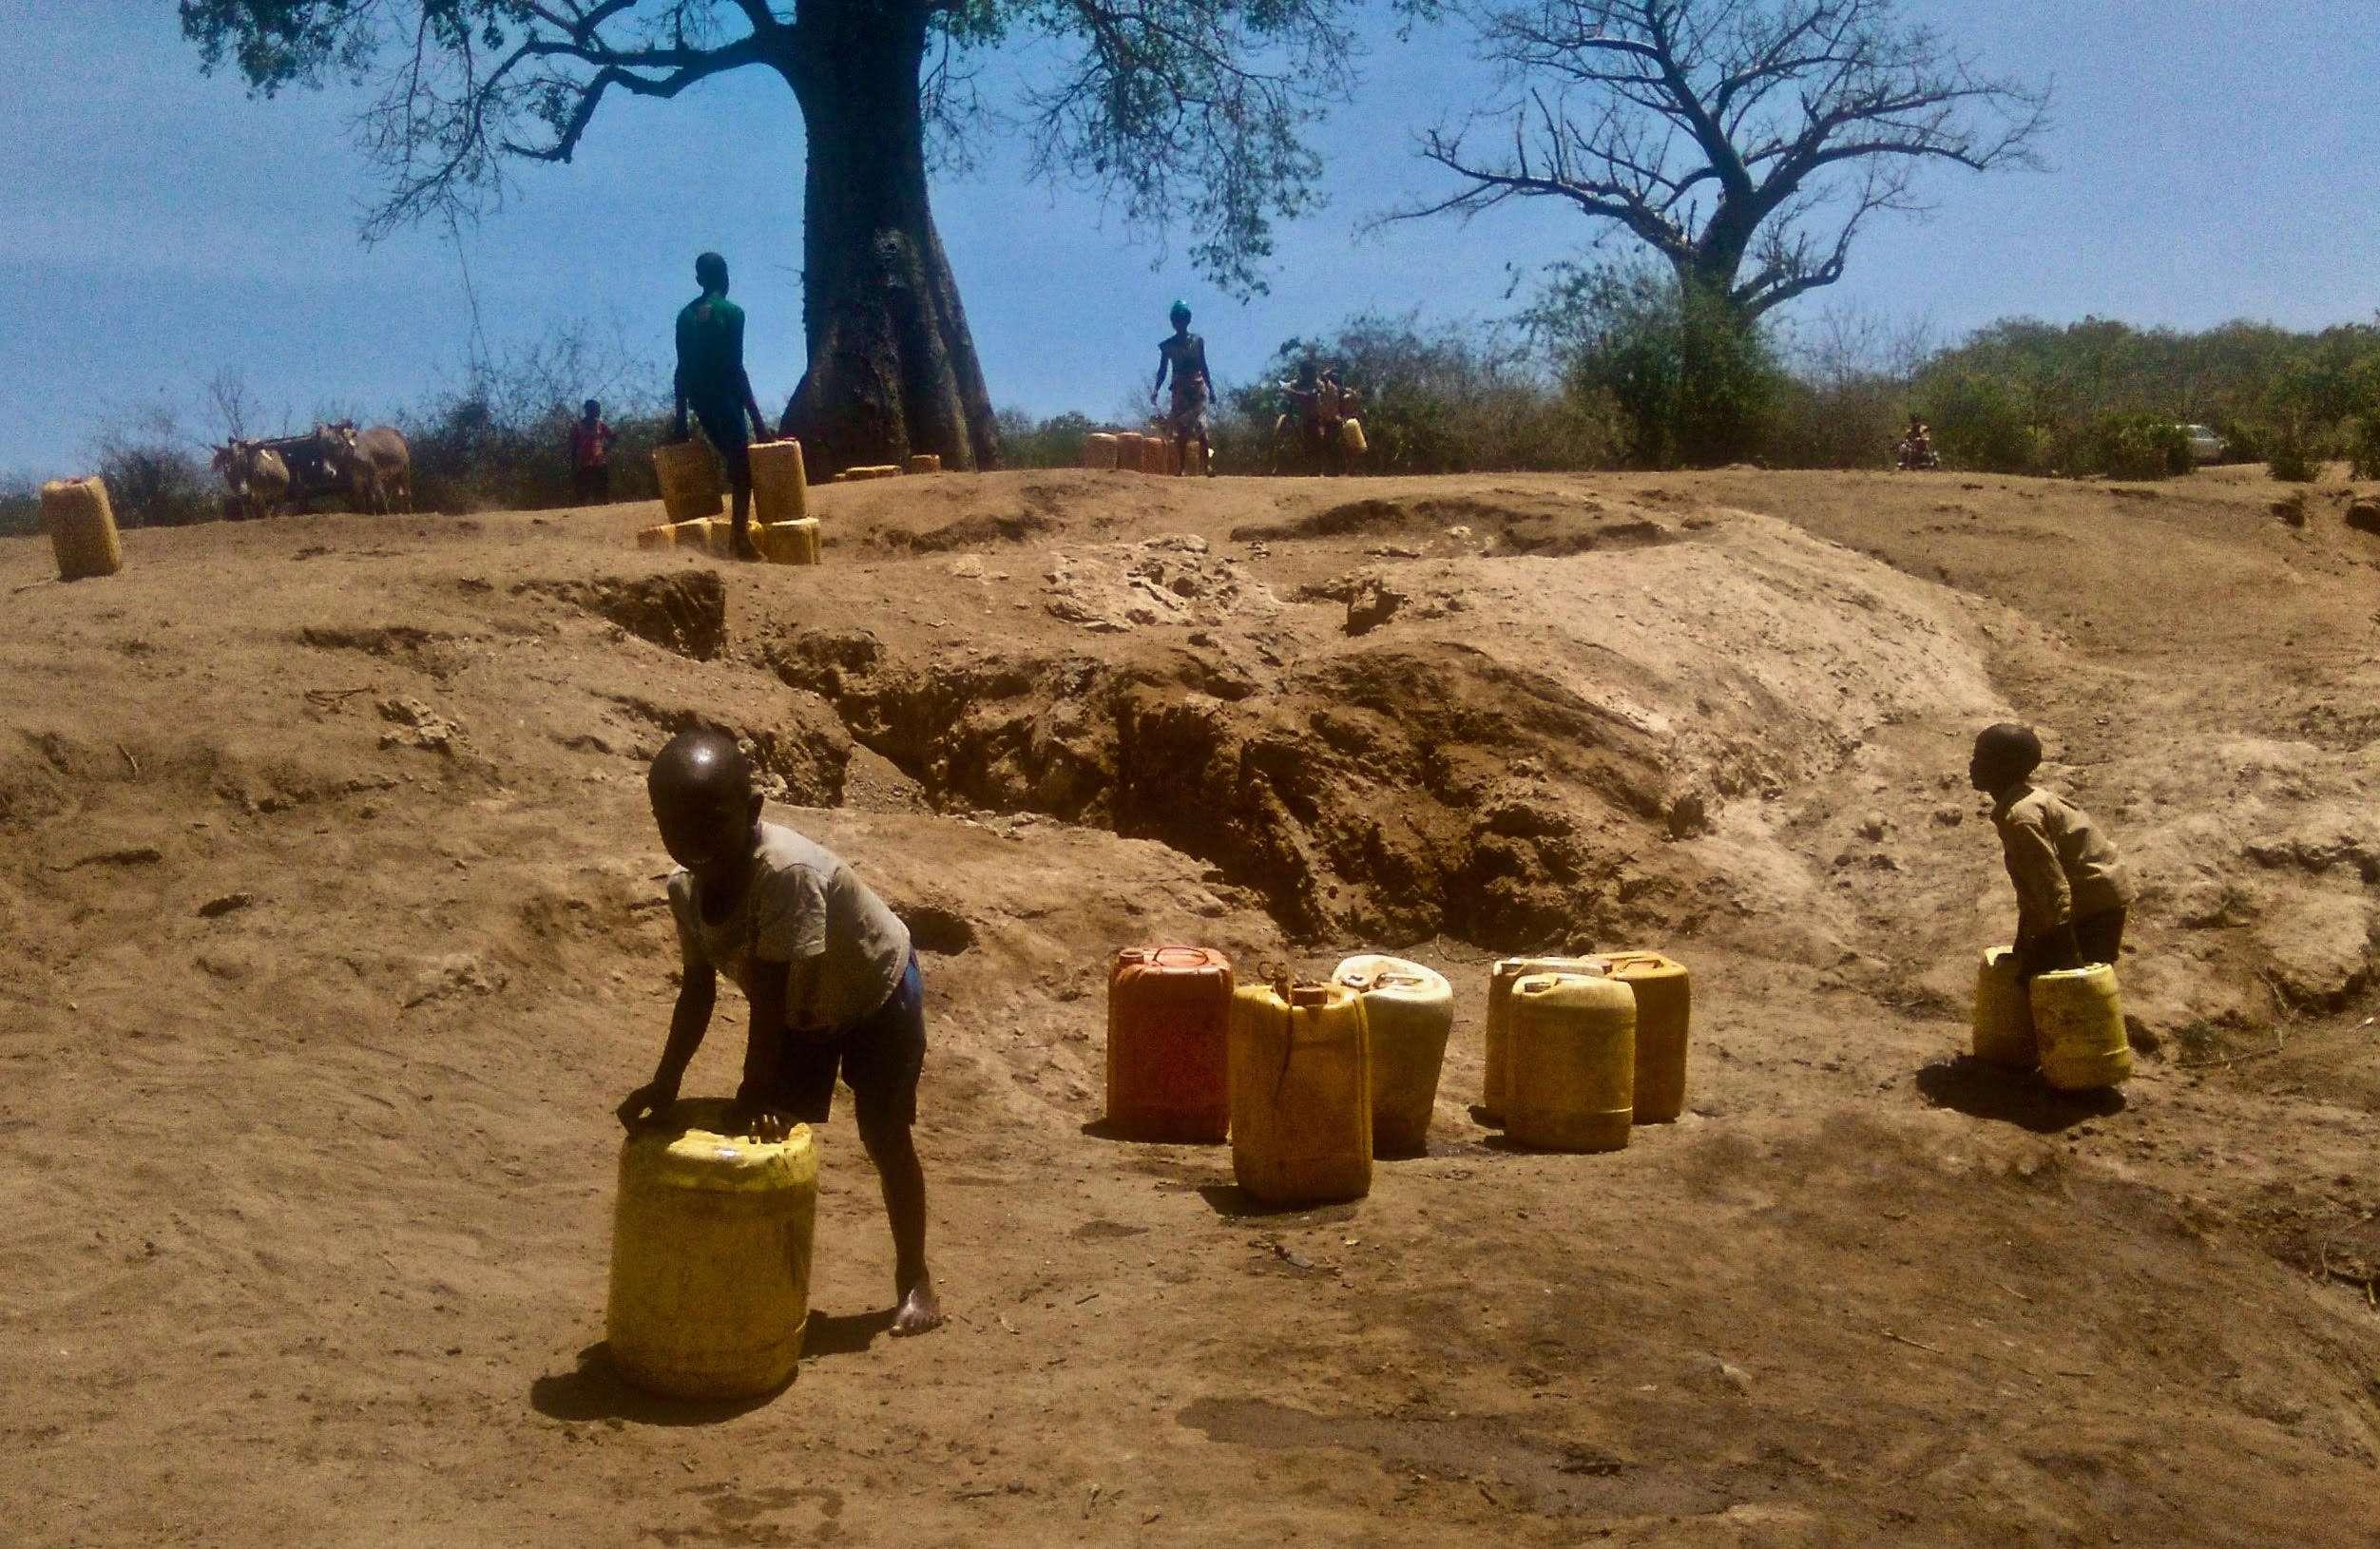 Kebwezi Village Image 3